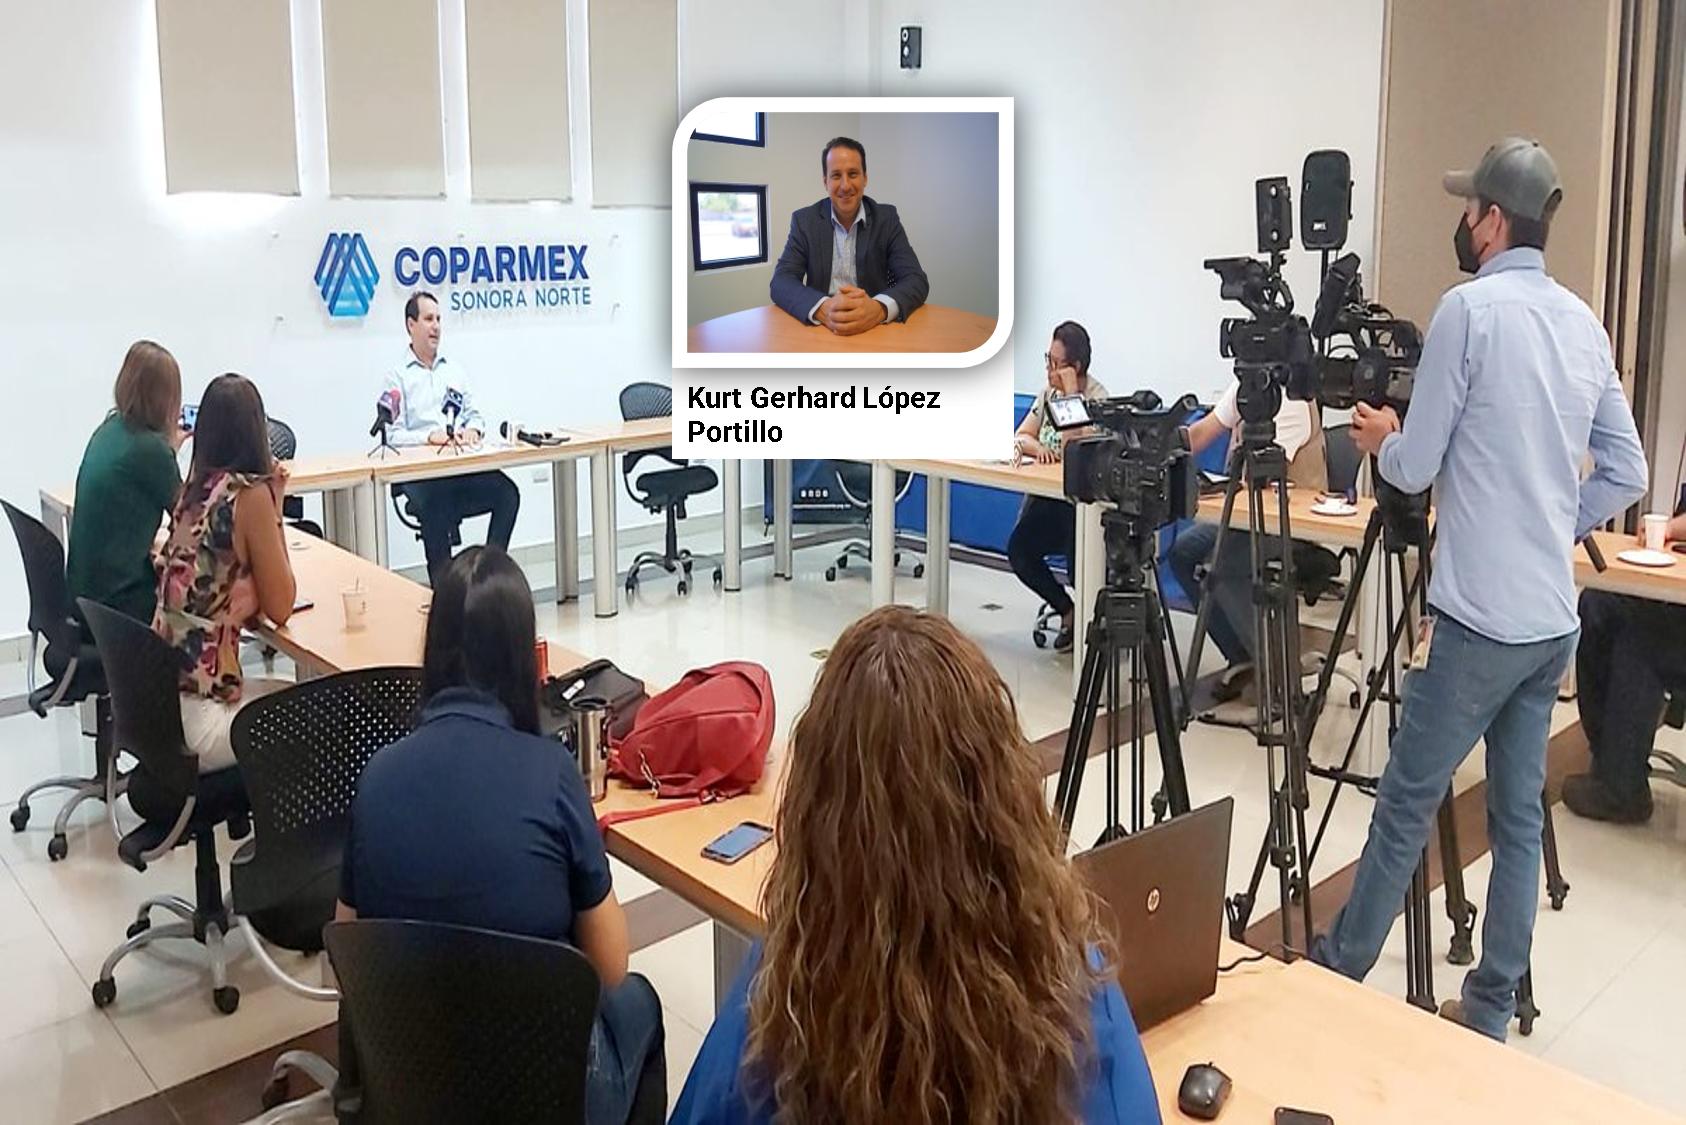 Coparmex tiene una doctrina social muy importante, con valores como la subsidiaridad